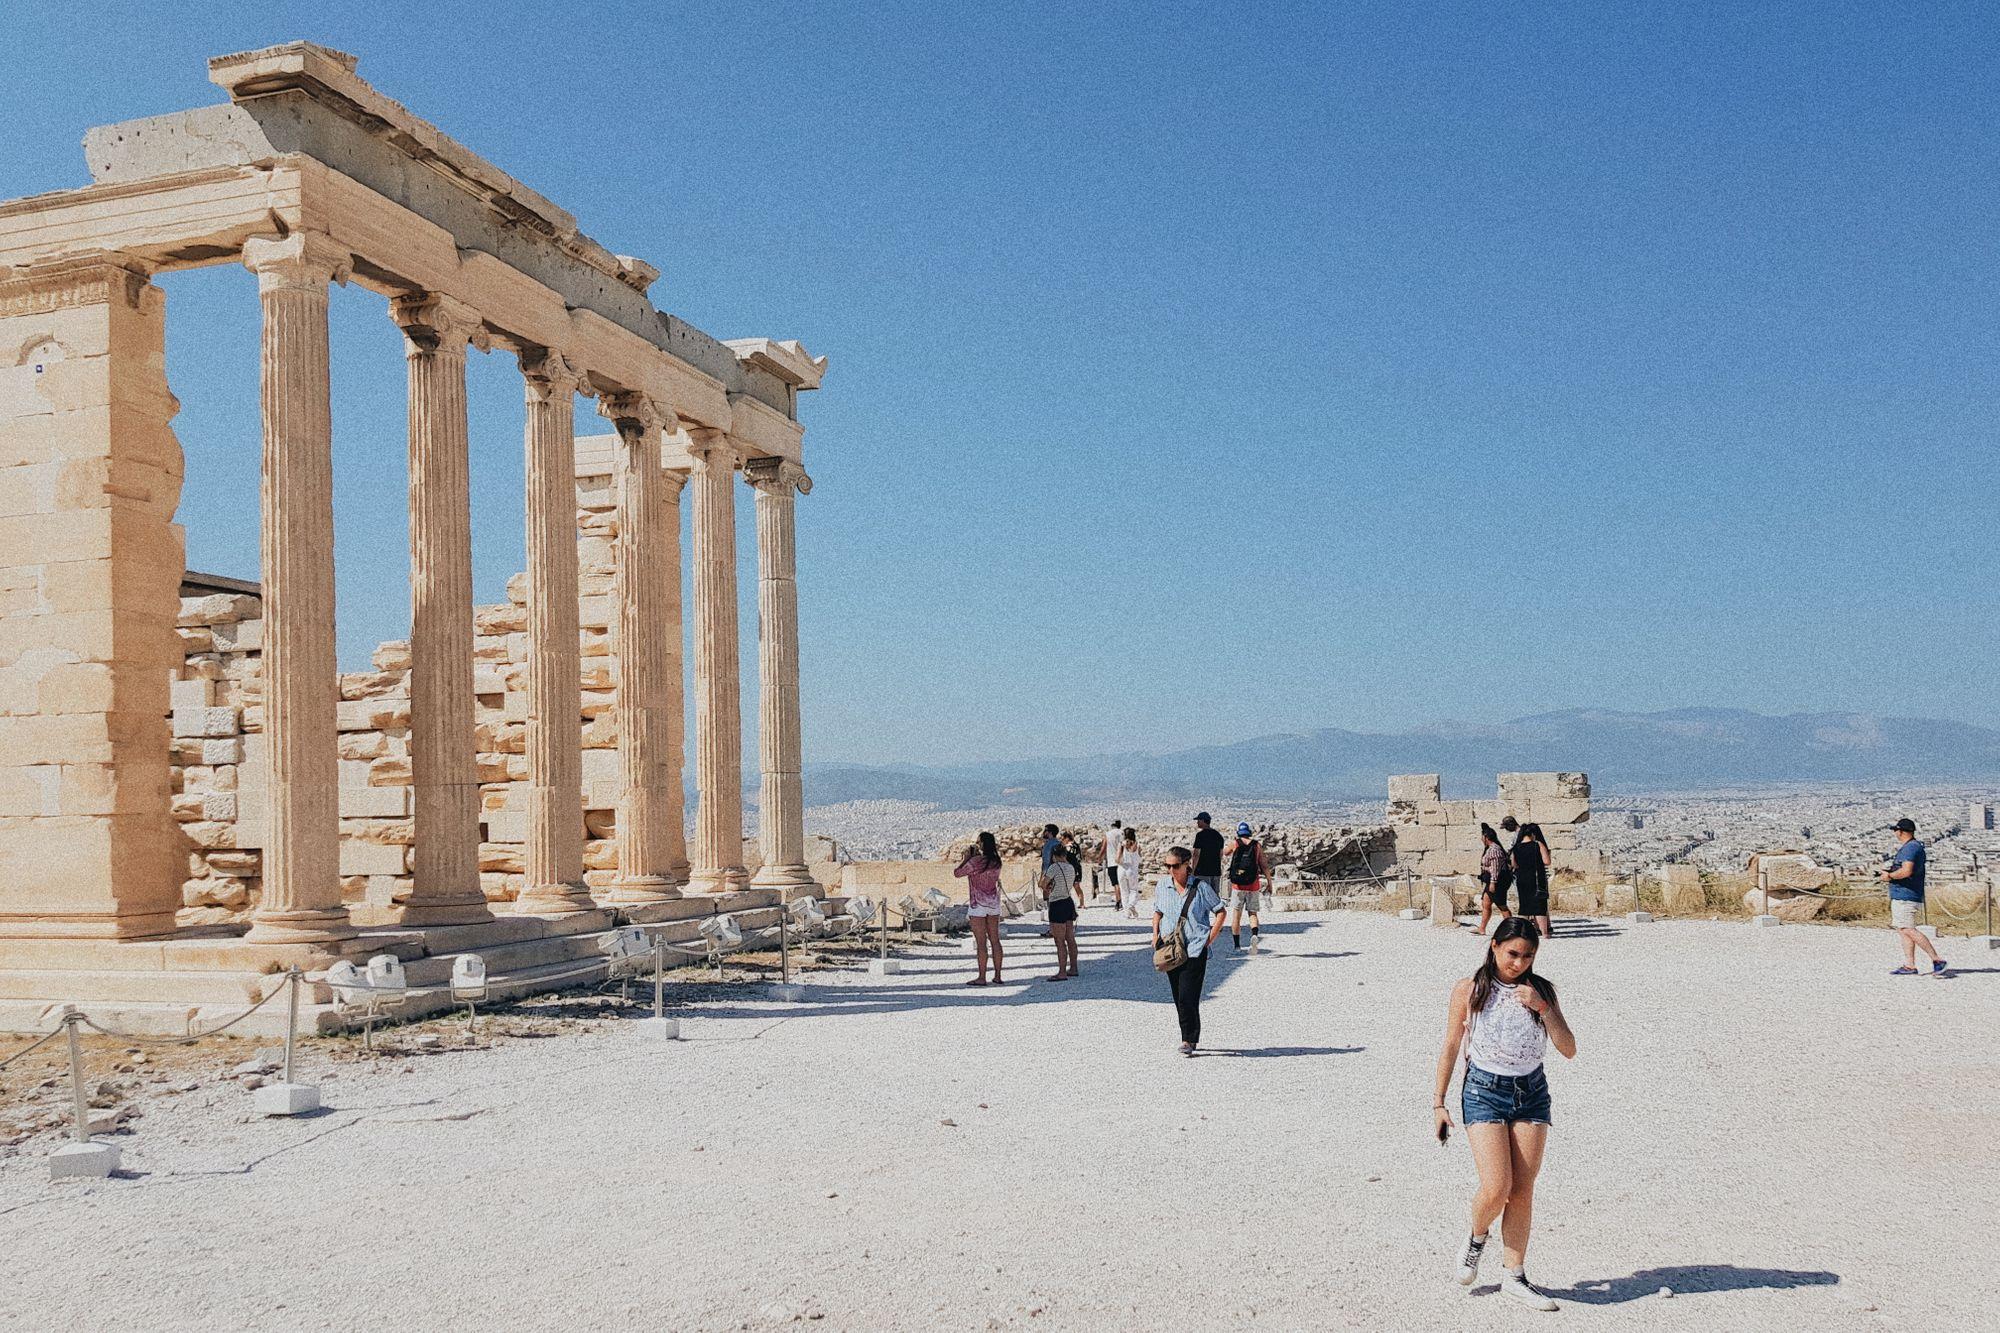 O tym, że w Atenach jest pusto, ale ciepło